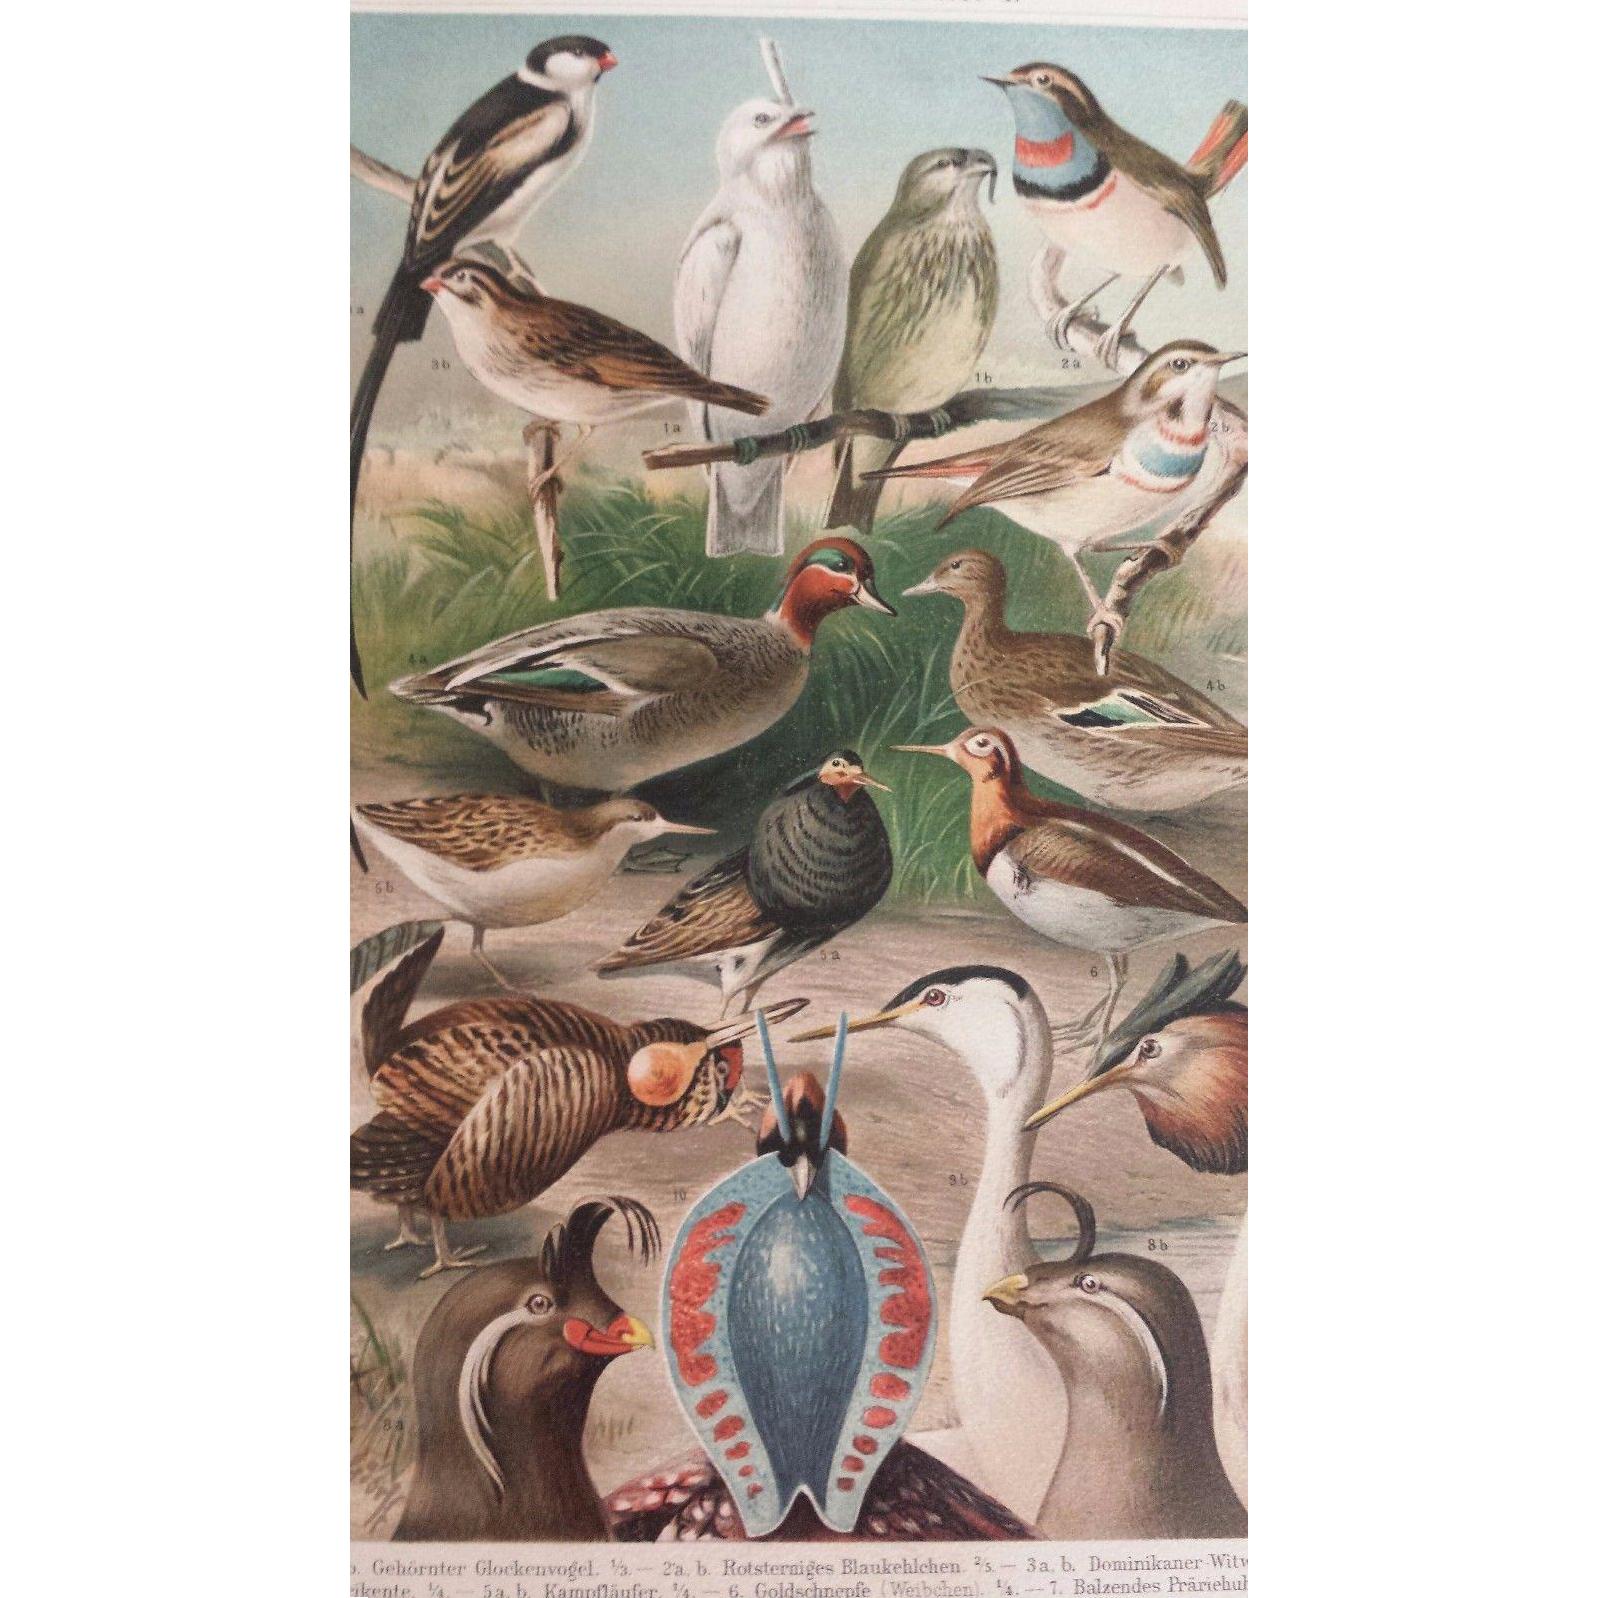 1890's Meyer Chromolithograph - HOCHZEITSKLEIDER - Birds with Bright Plumage